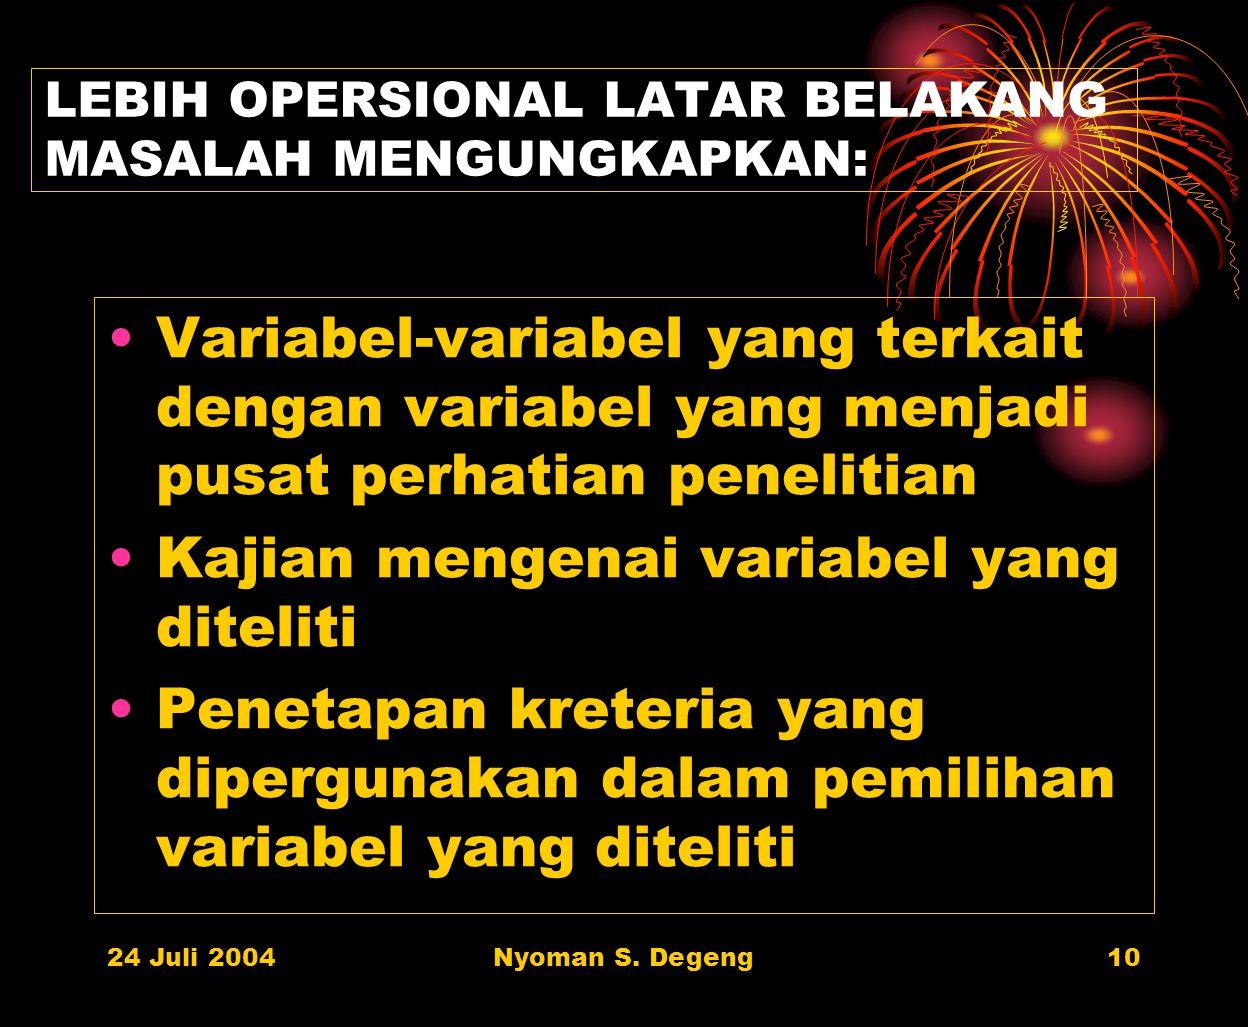 24 Juli 2004Nyoman S. Degeng9 LATAR BELAKANG MASALAH PENELITIAN Mengungkapkan: Kaitan antara kegiatan penelitian yang akan dilaksanakan dengan pengeta